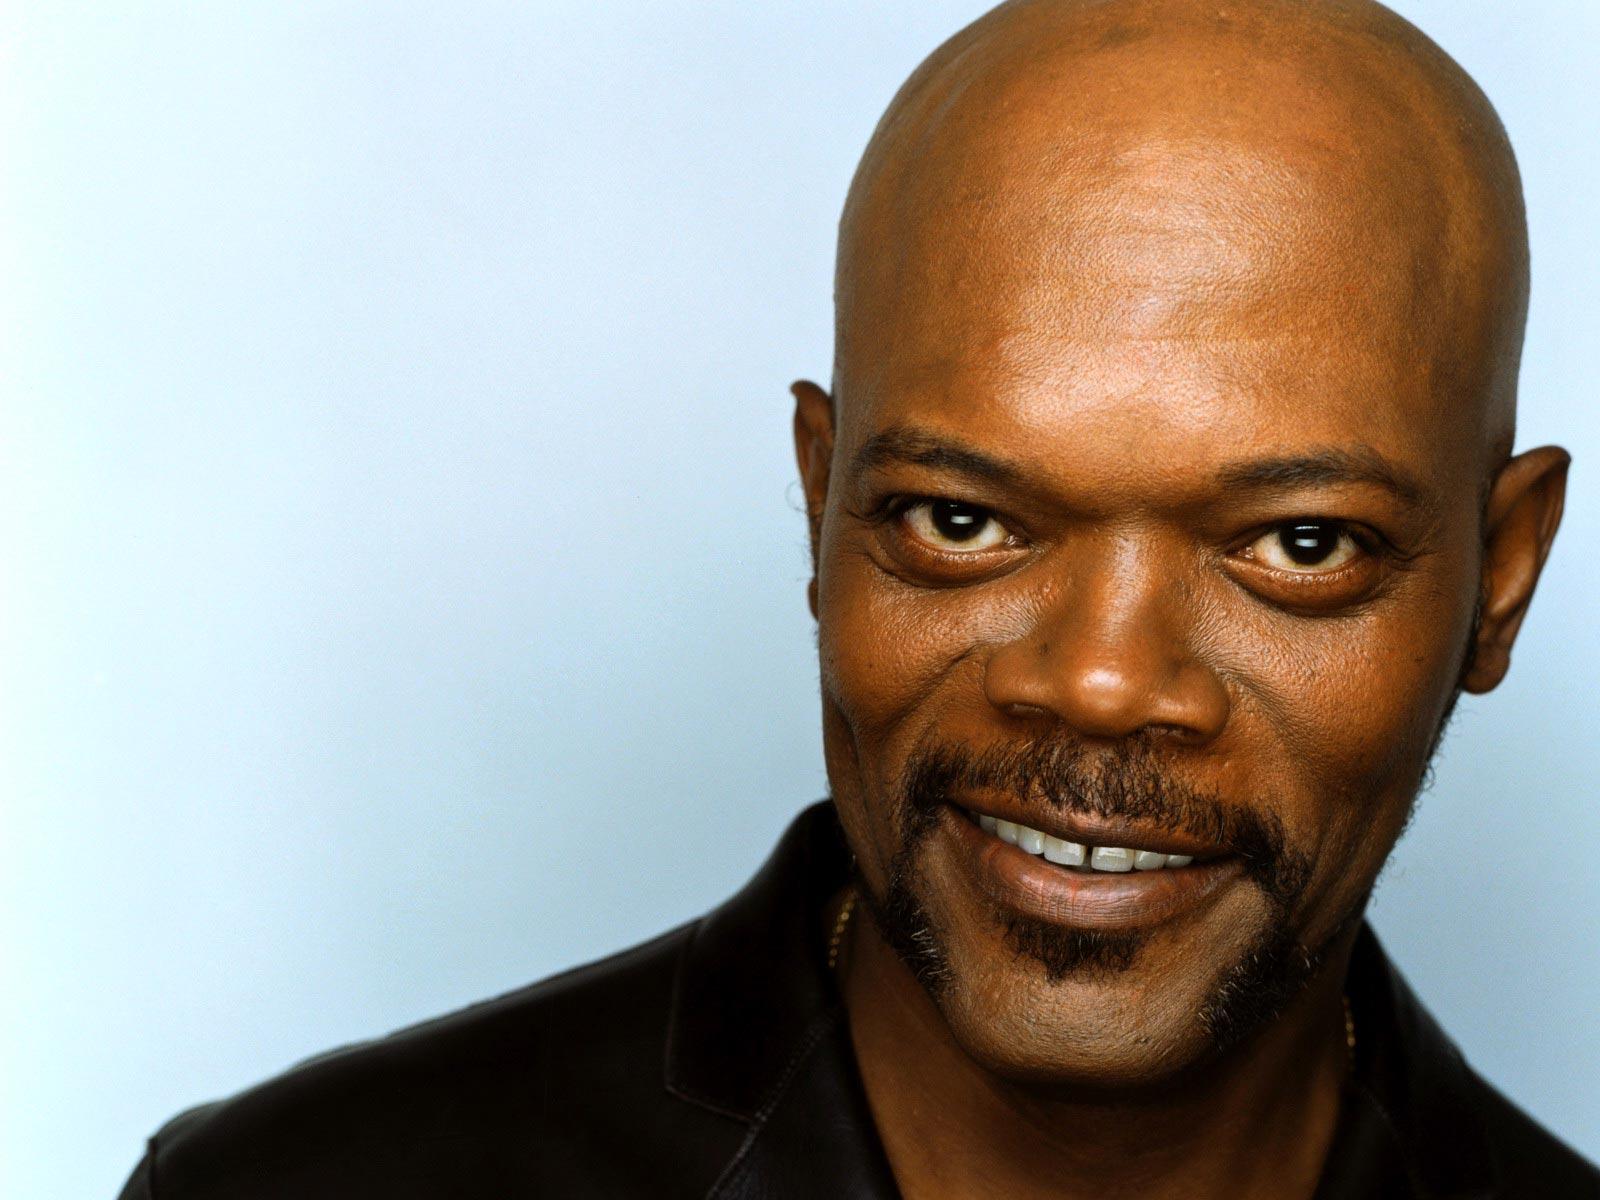 школе чернокожие актеры голливуда мужчины фото и имена чувства характер